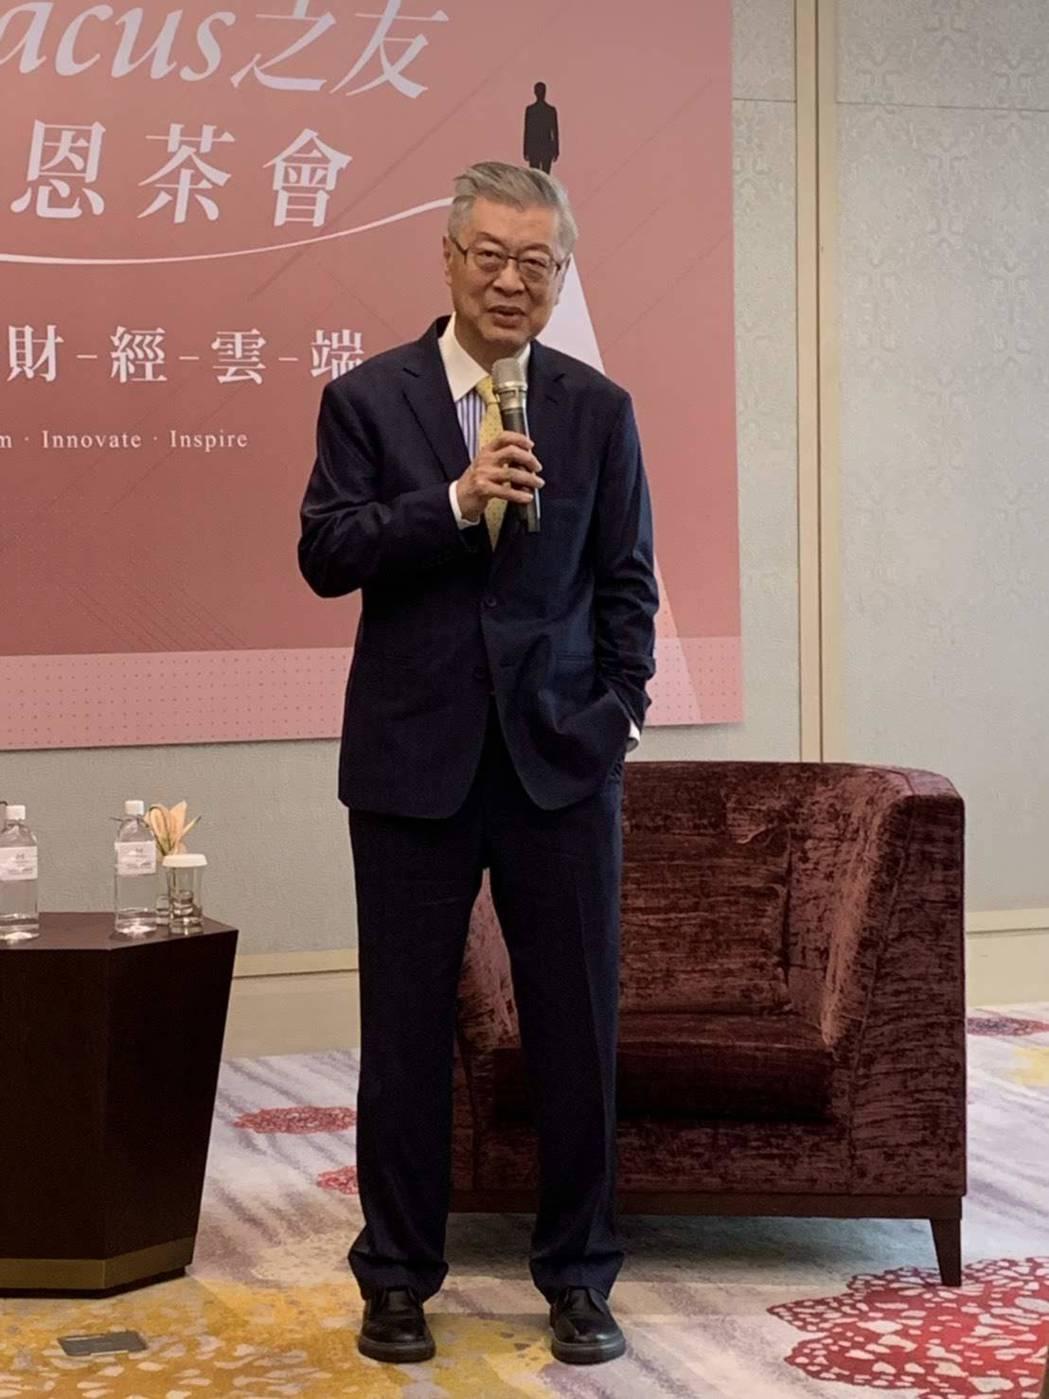 行政院前院長陳冲。圖/新世代金融基金會提供